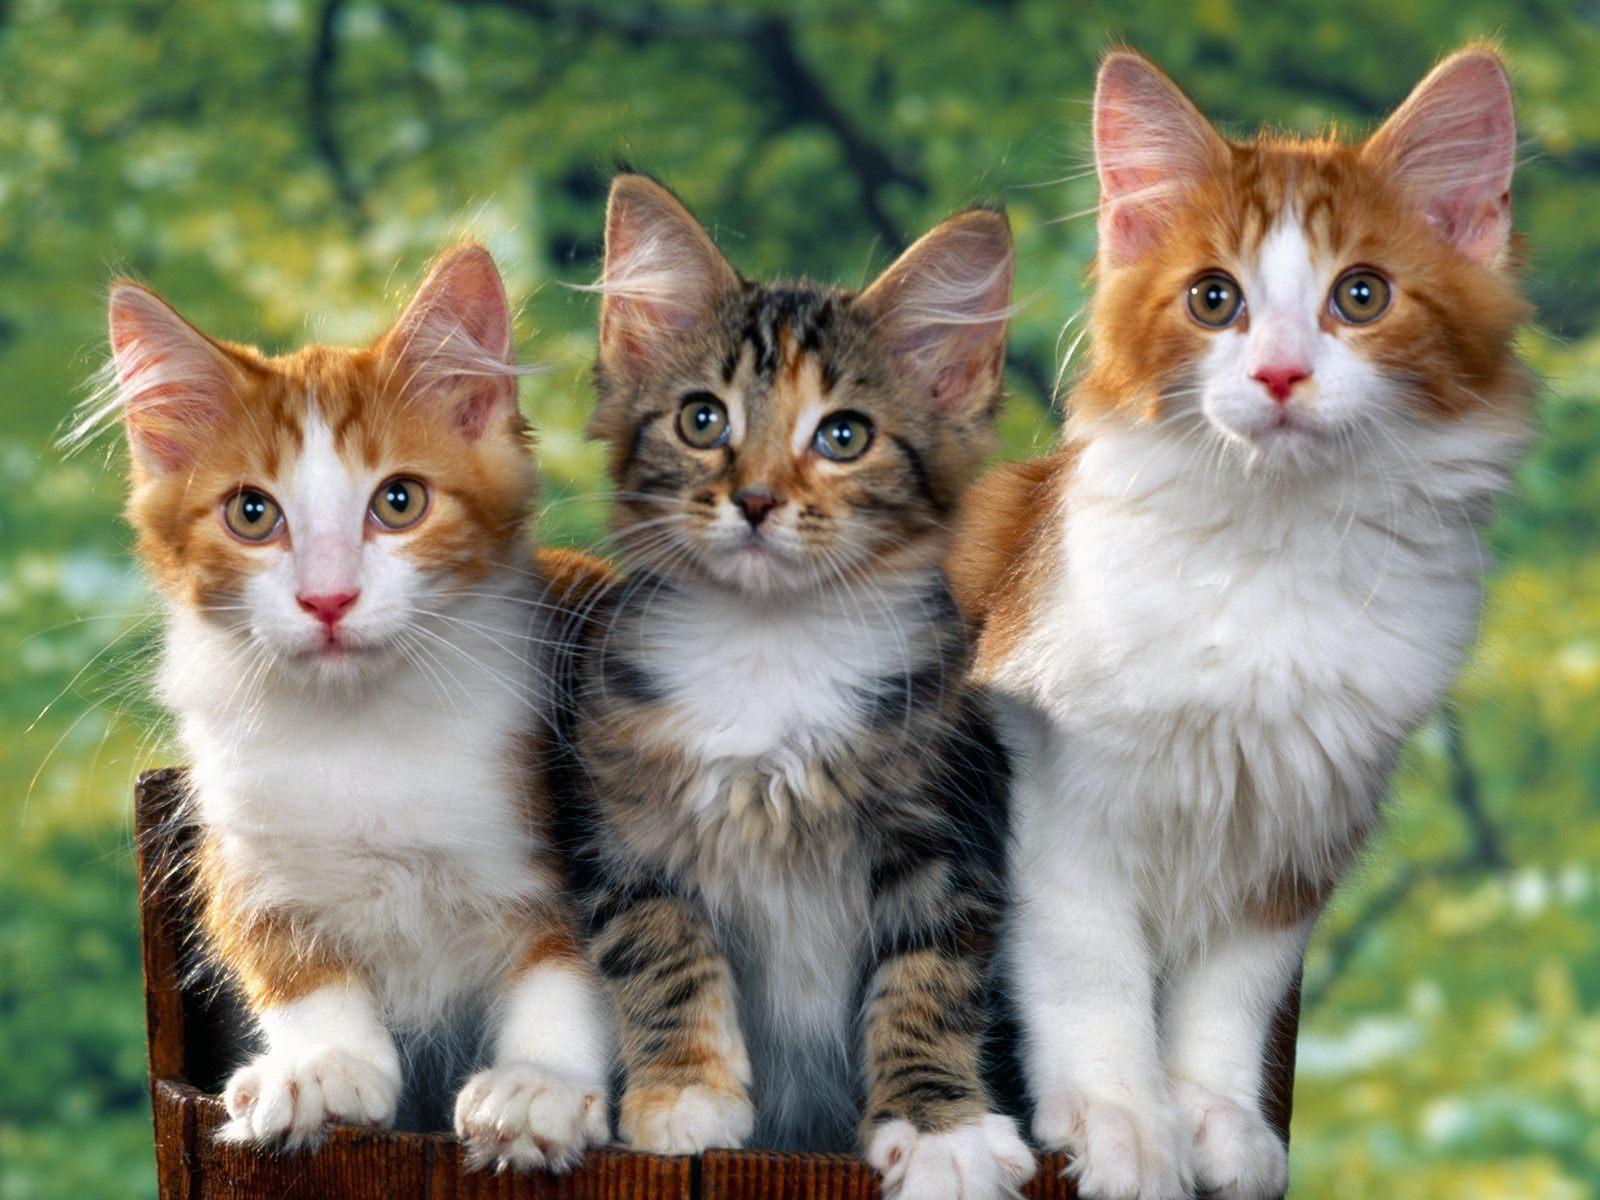 ��� ��� ����  , ��� ��� ����� 2016 , ��� ����� 2016 Photos Cats 2015_1412123033_254.